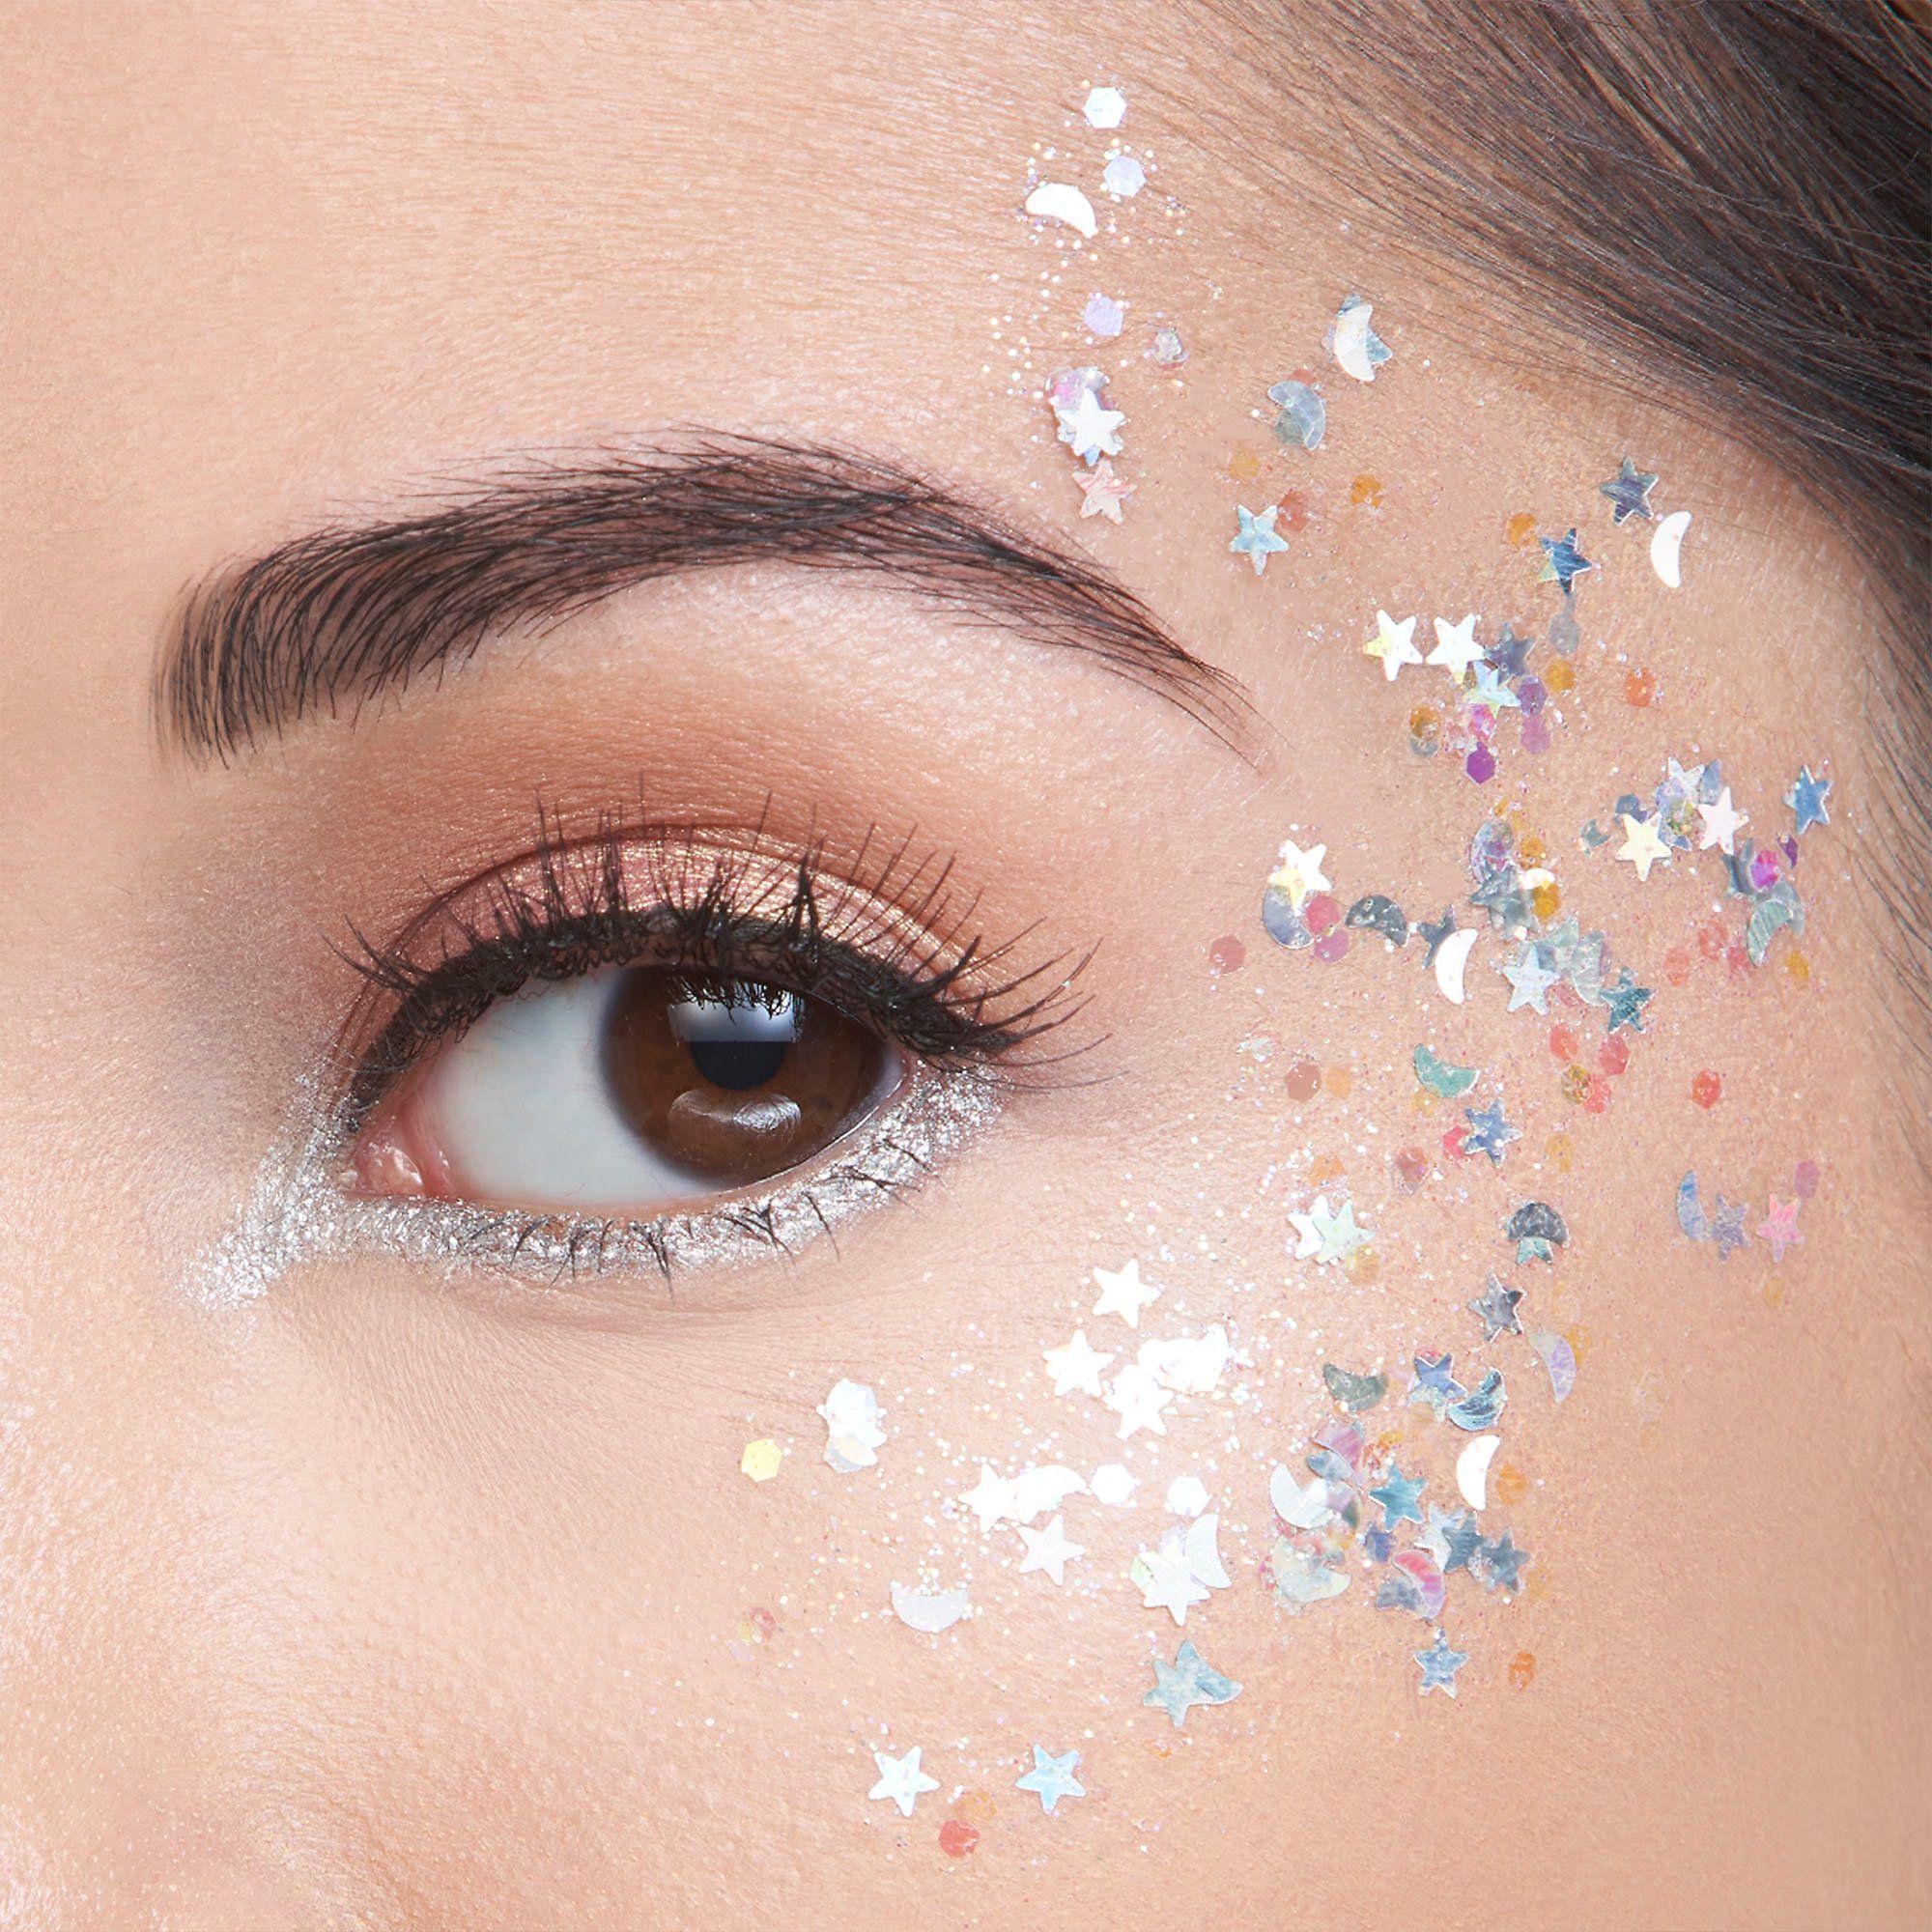 Stardust Glitter Makeup in 2020 Silver glitter eye